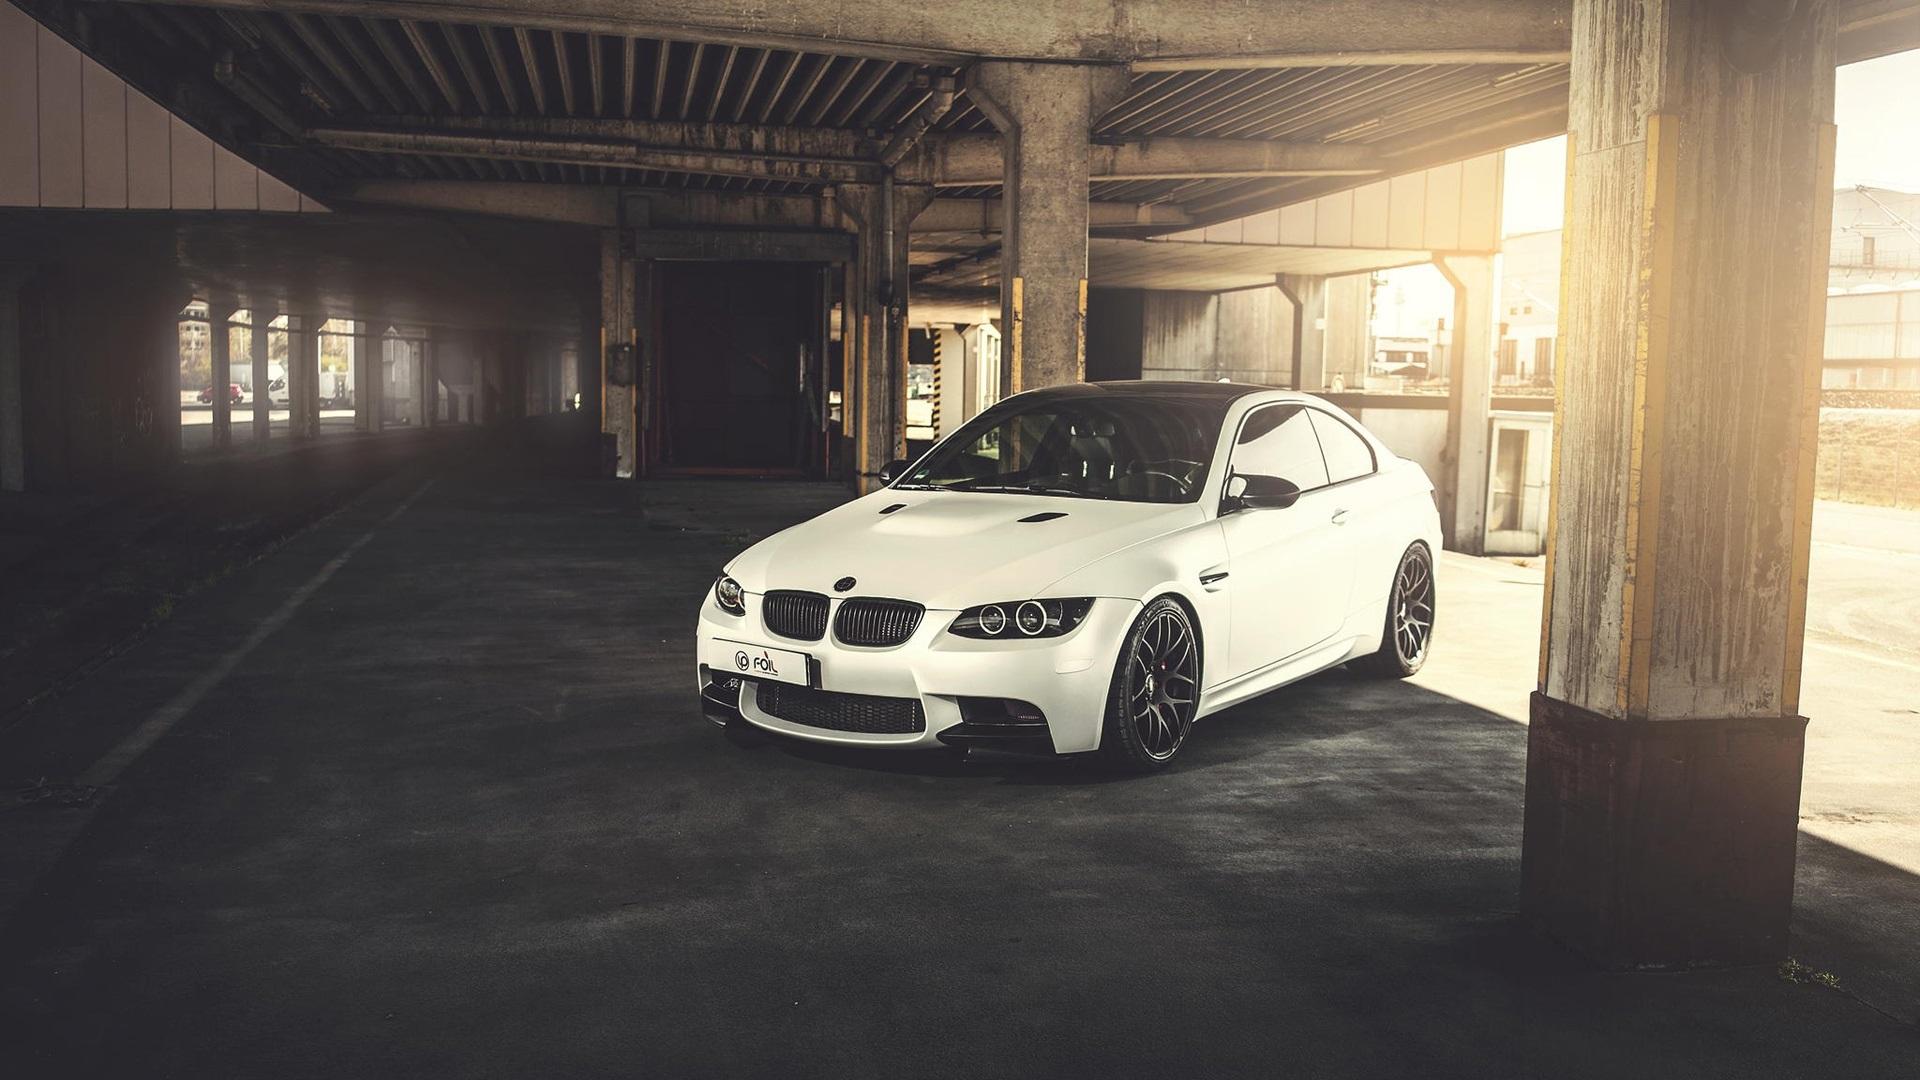 Wallpaper BMW M3 E92 White Car Sunlight 1920x1080 Full HD 2K